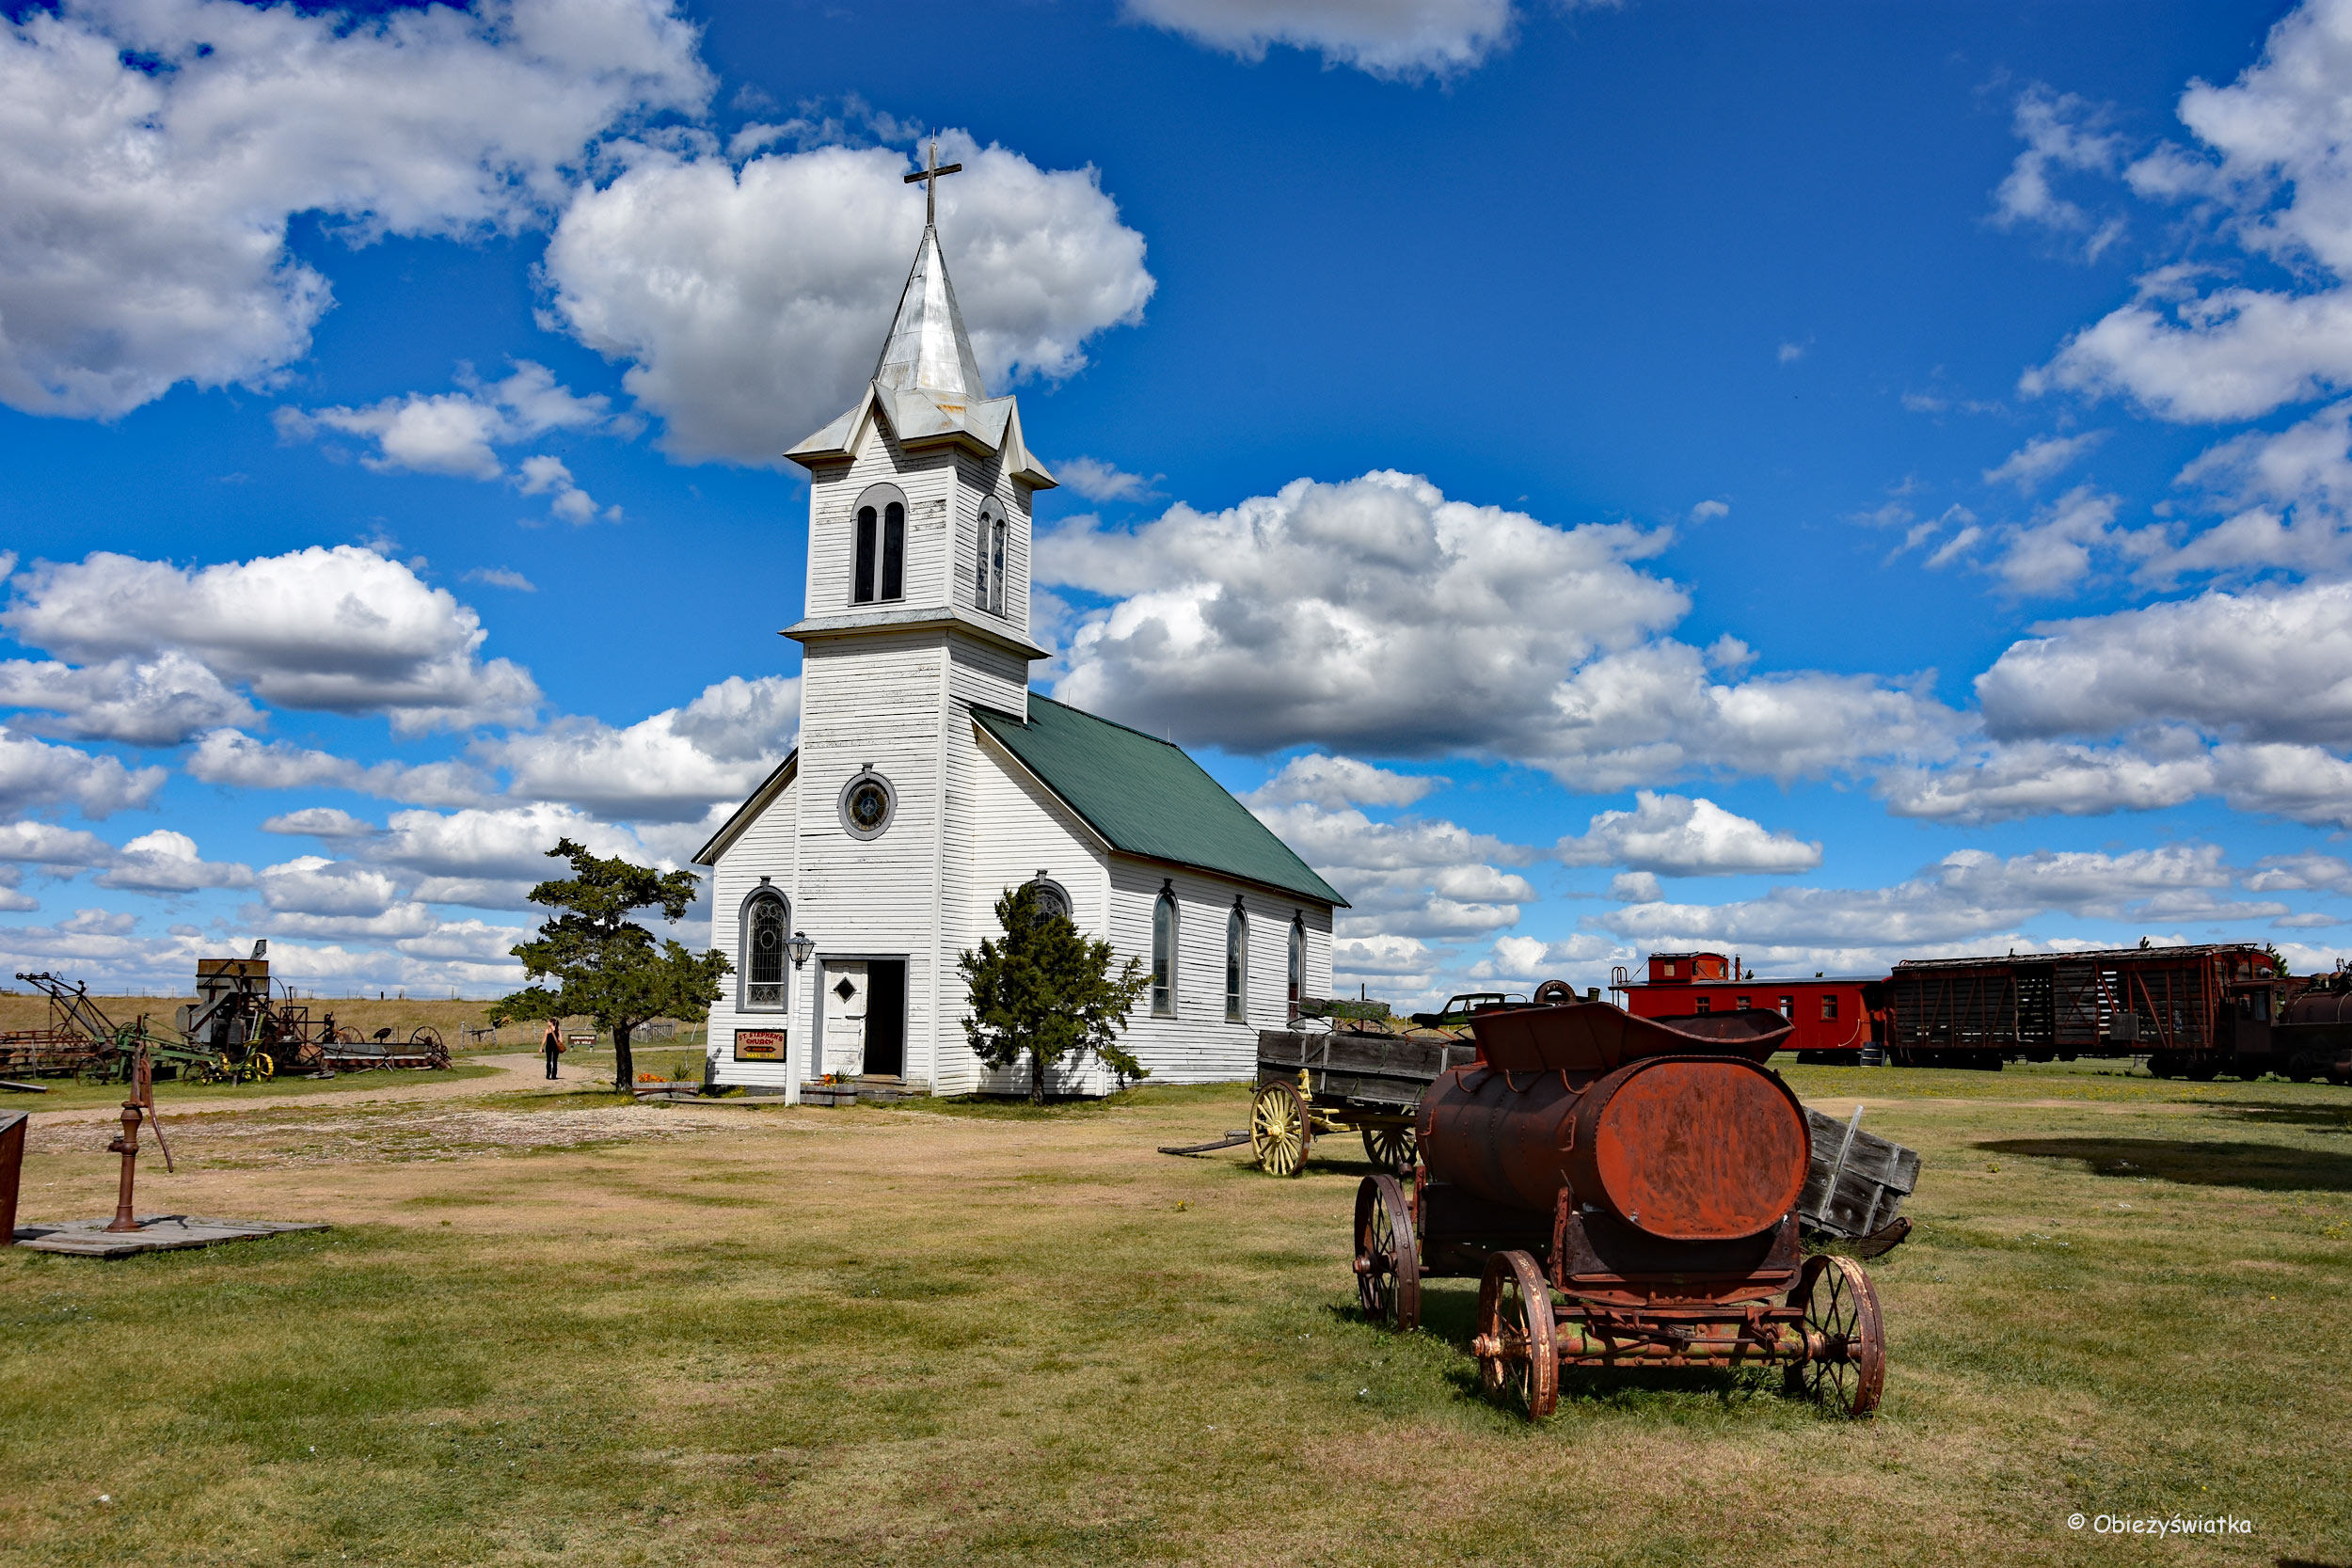 Kościół w miasteczku - 1880 Town